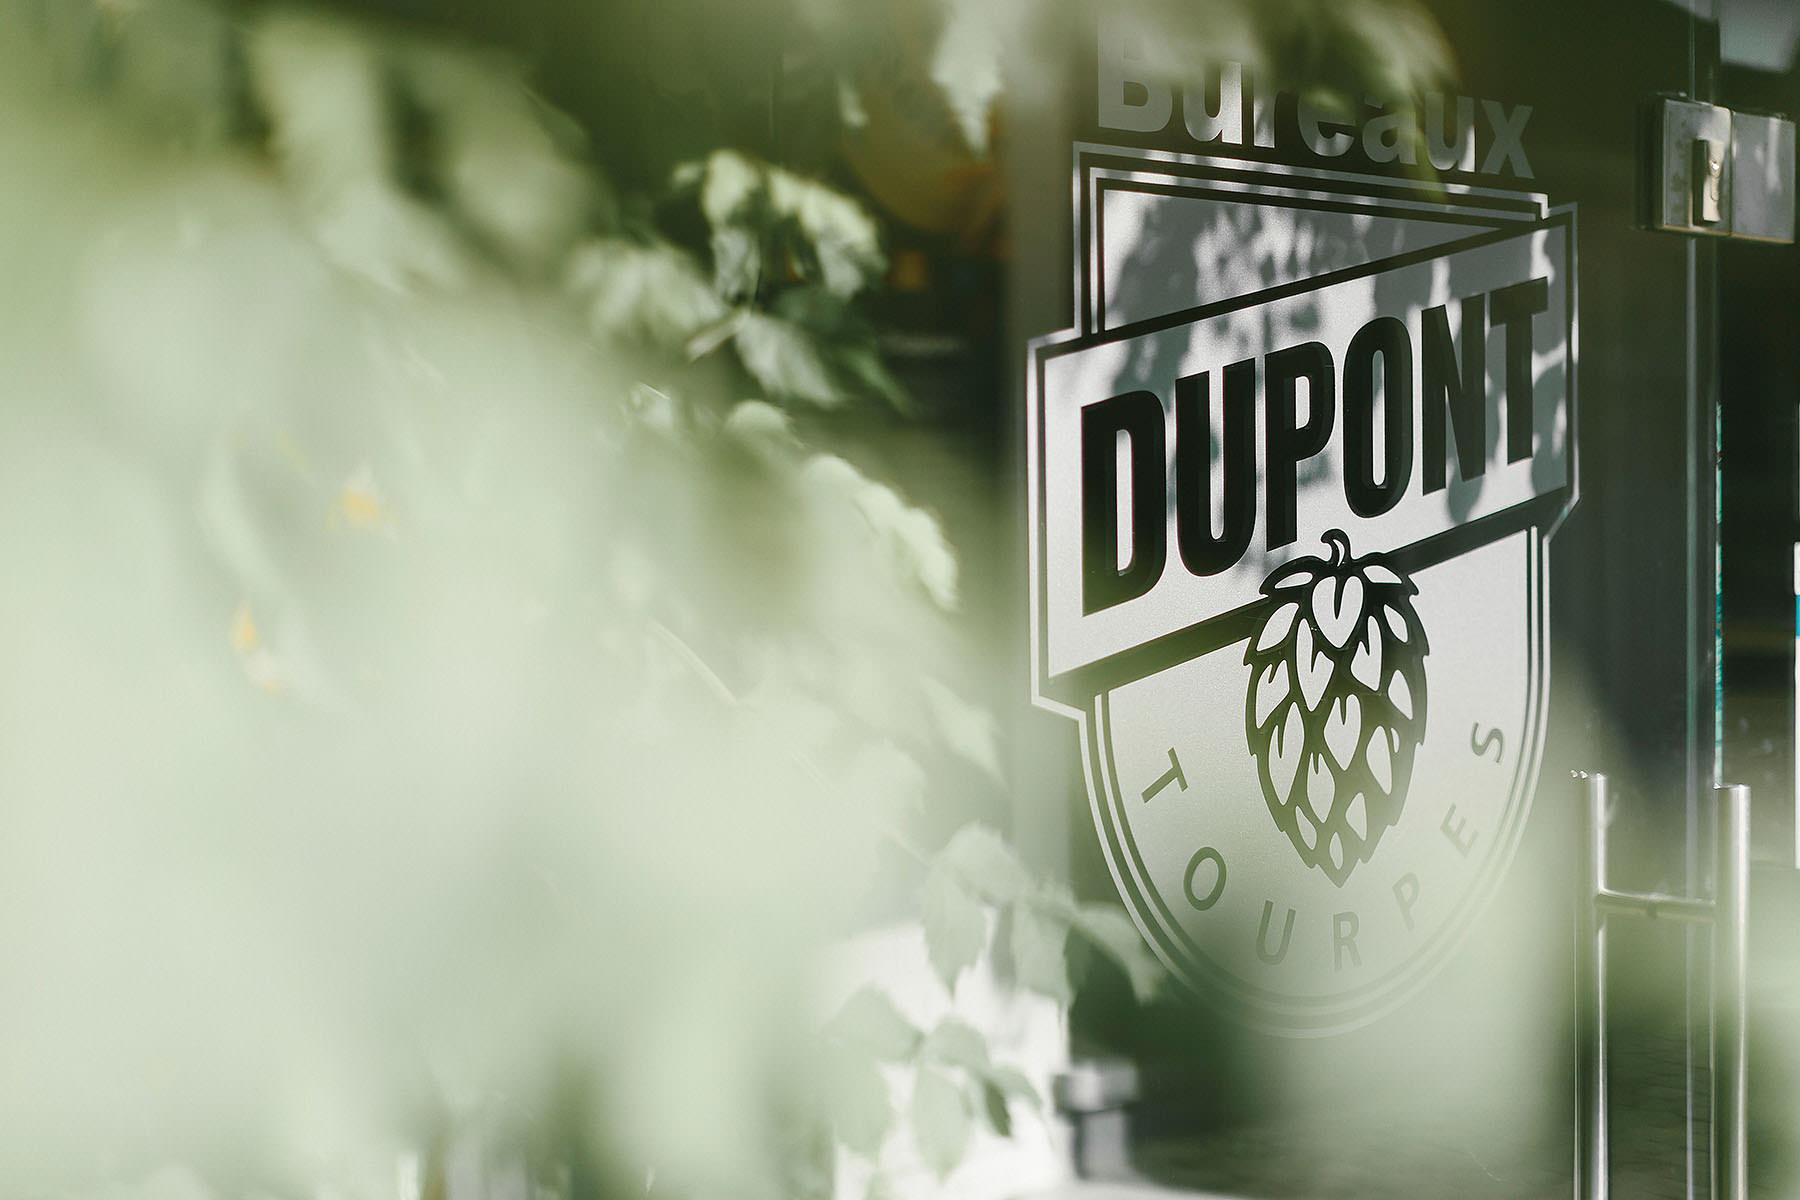 Brasserie_Dupont_Melis-312